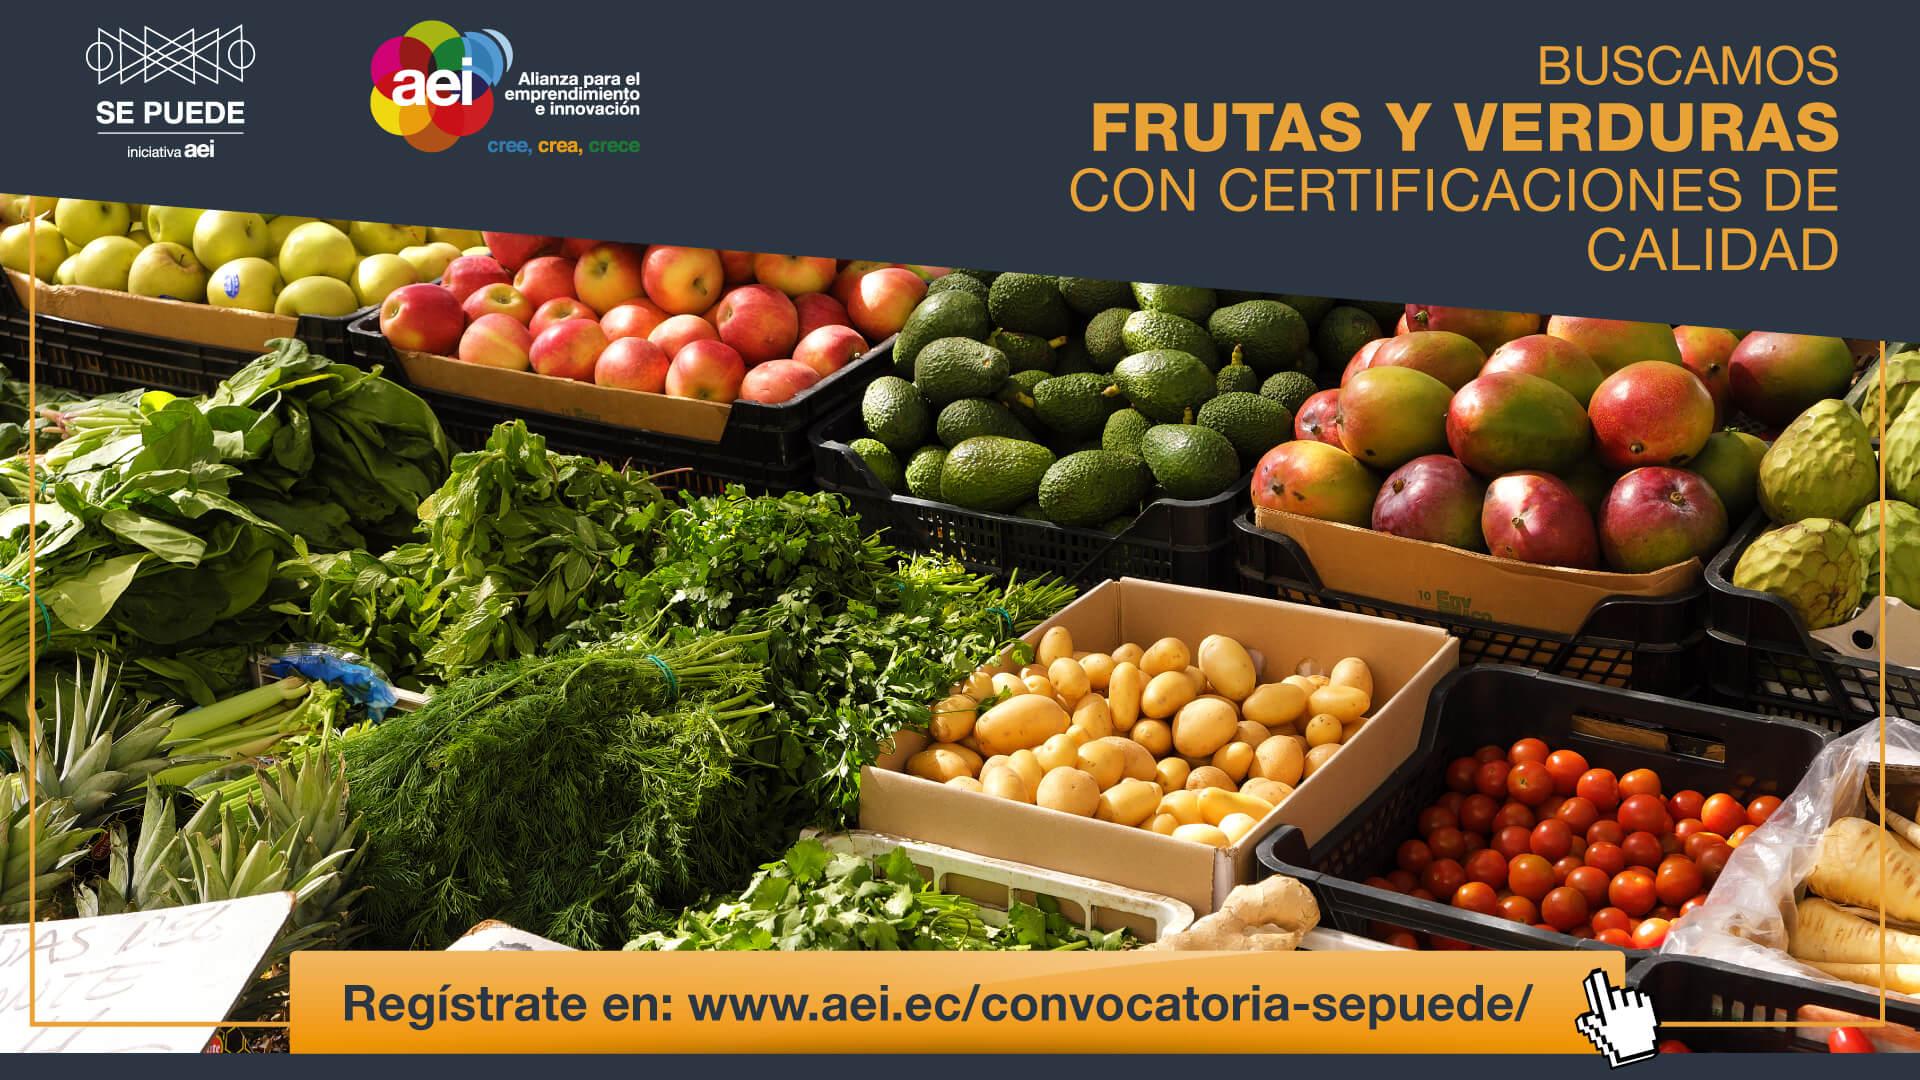 Convocatoria de Mercado  SE PUEDE – Frutas y verduras